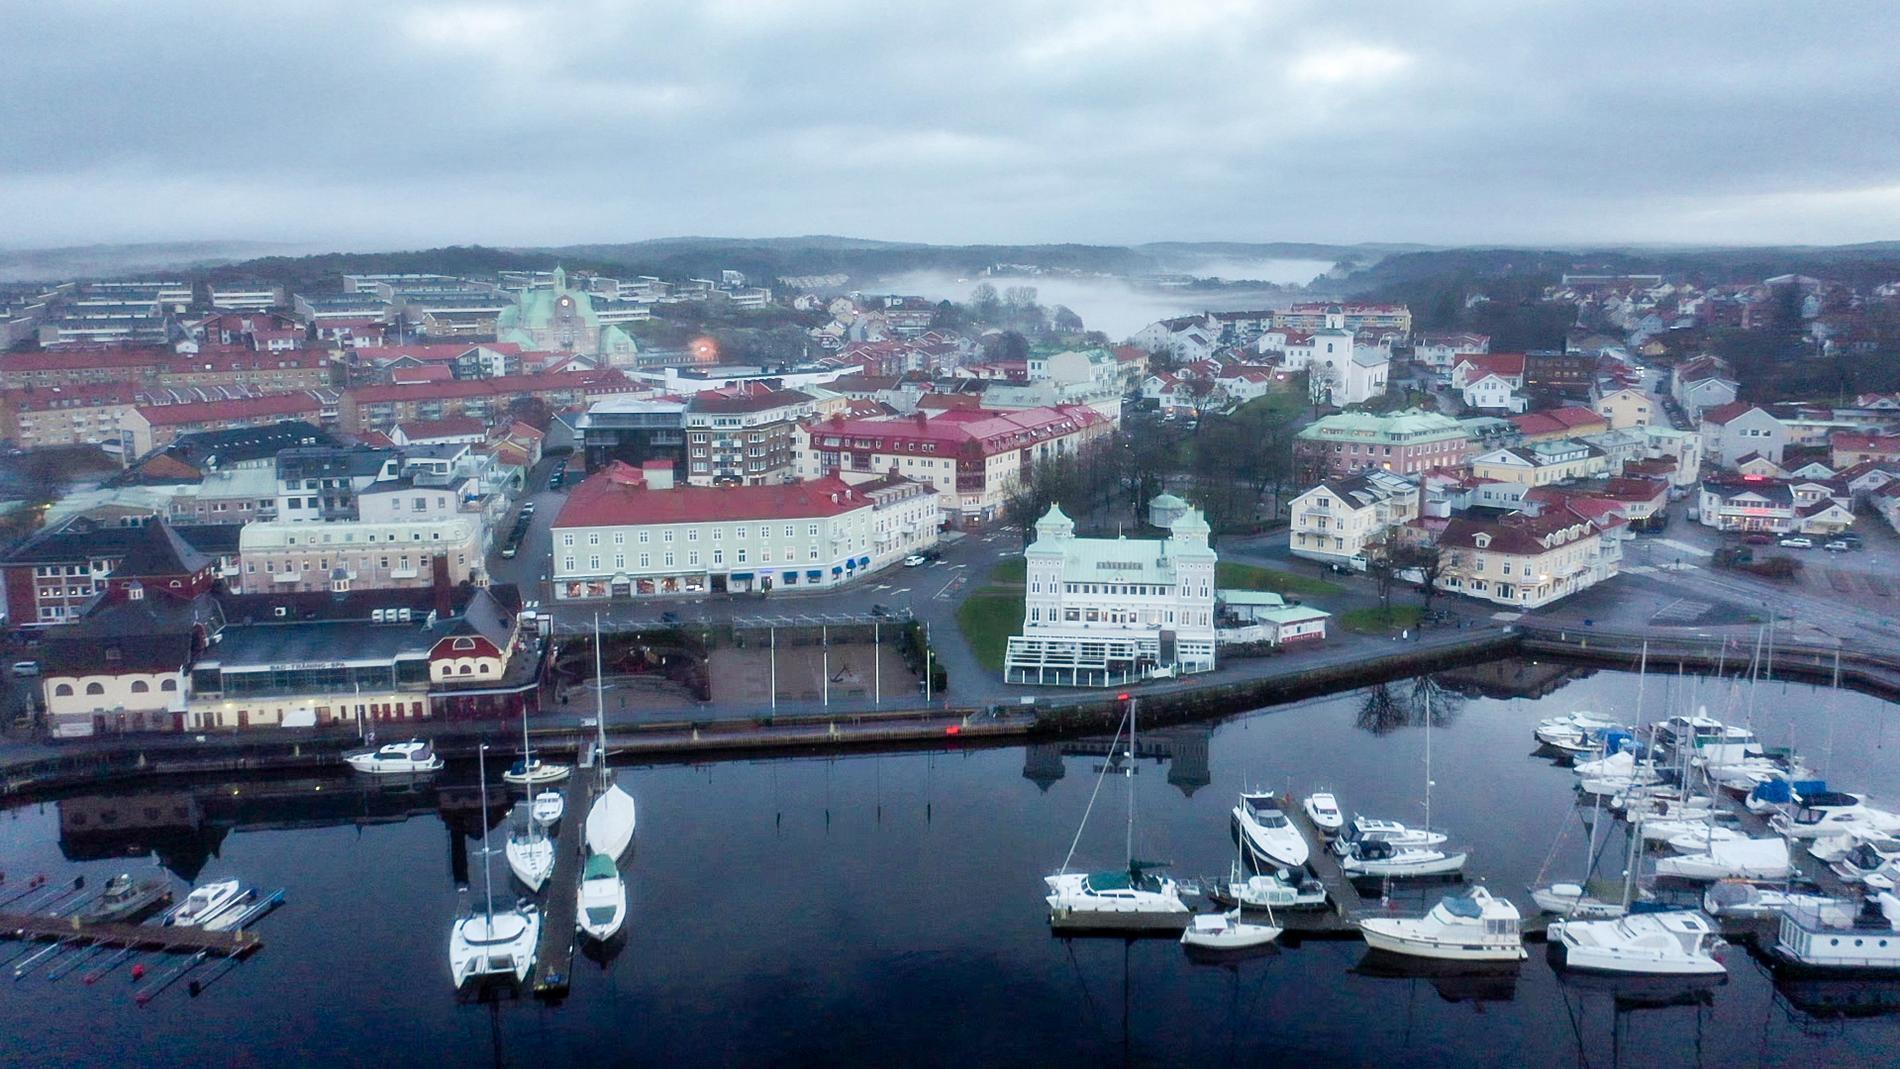 Det har varit tomt med folk i Strömstad sedan gränsen till Norge stängde. Förut brukade det vara livligt så här i december.